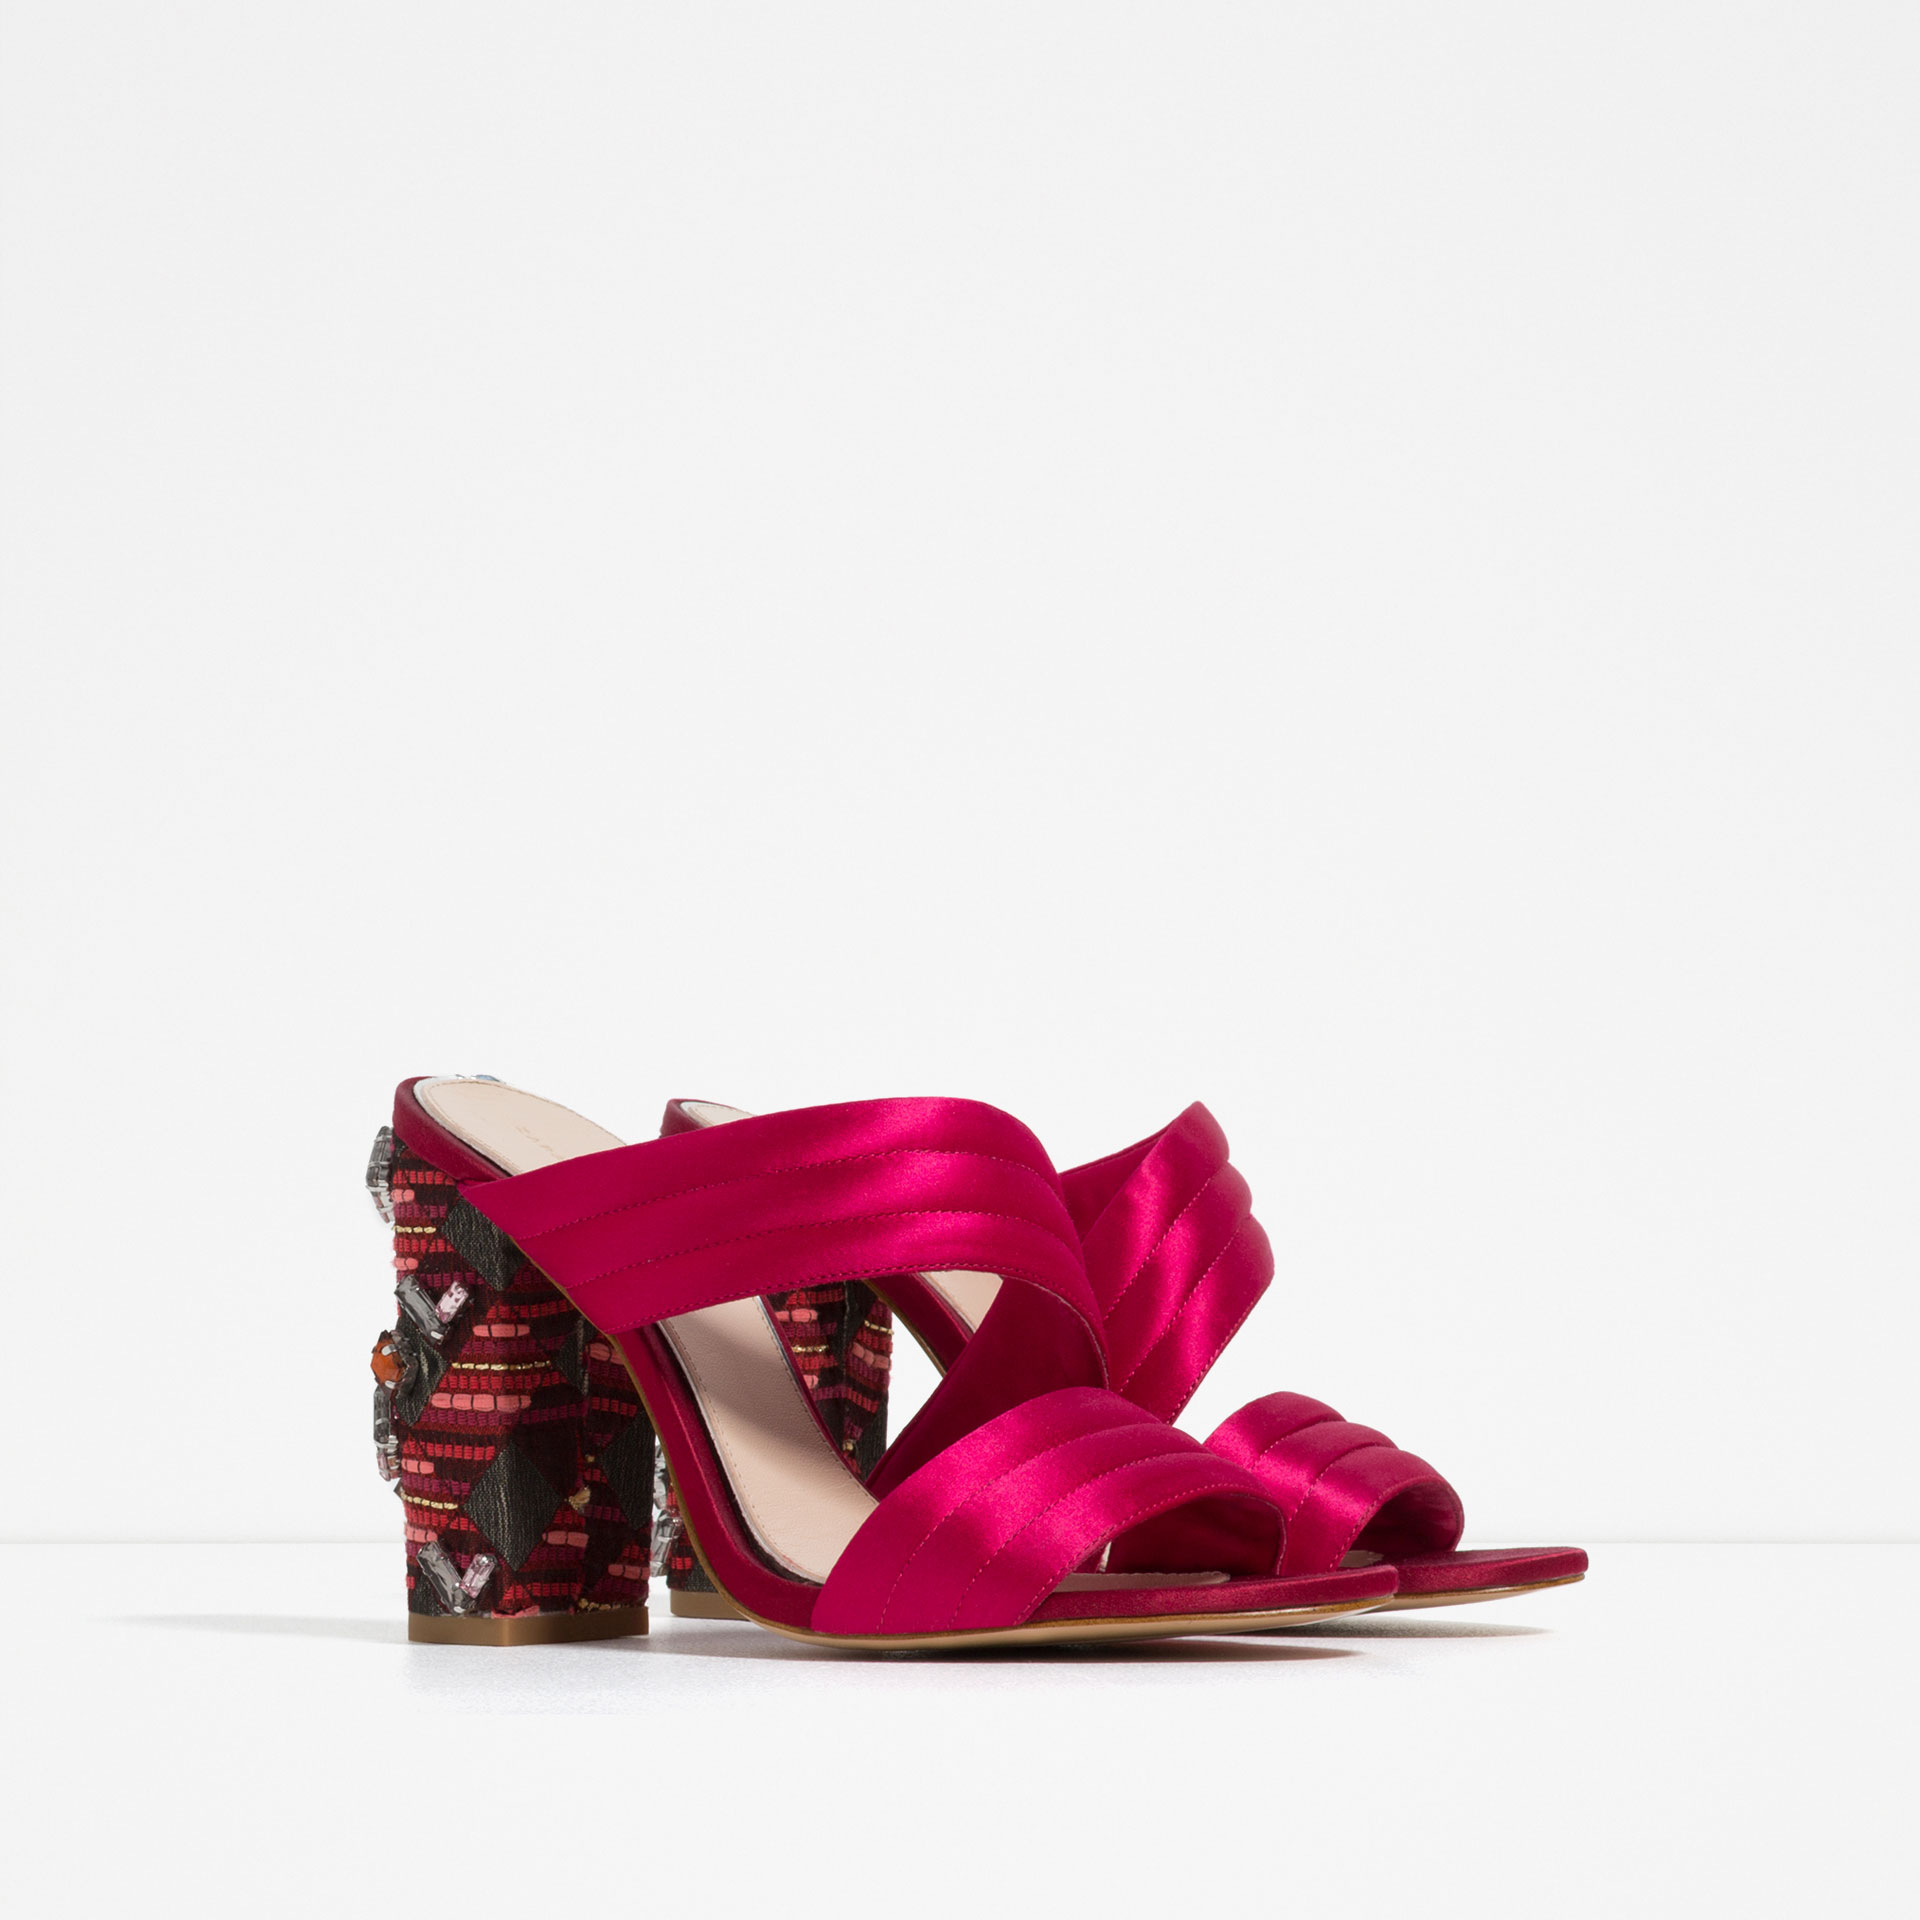 Tarz ayakkabı zara 8